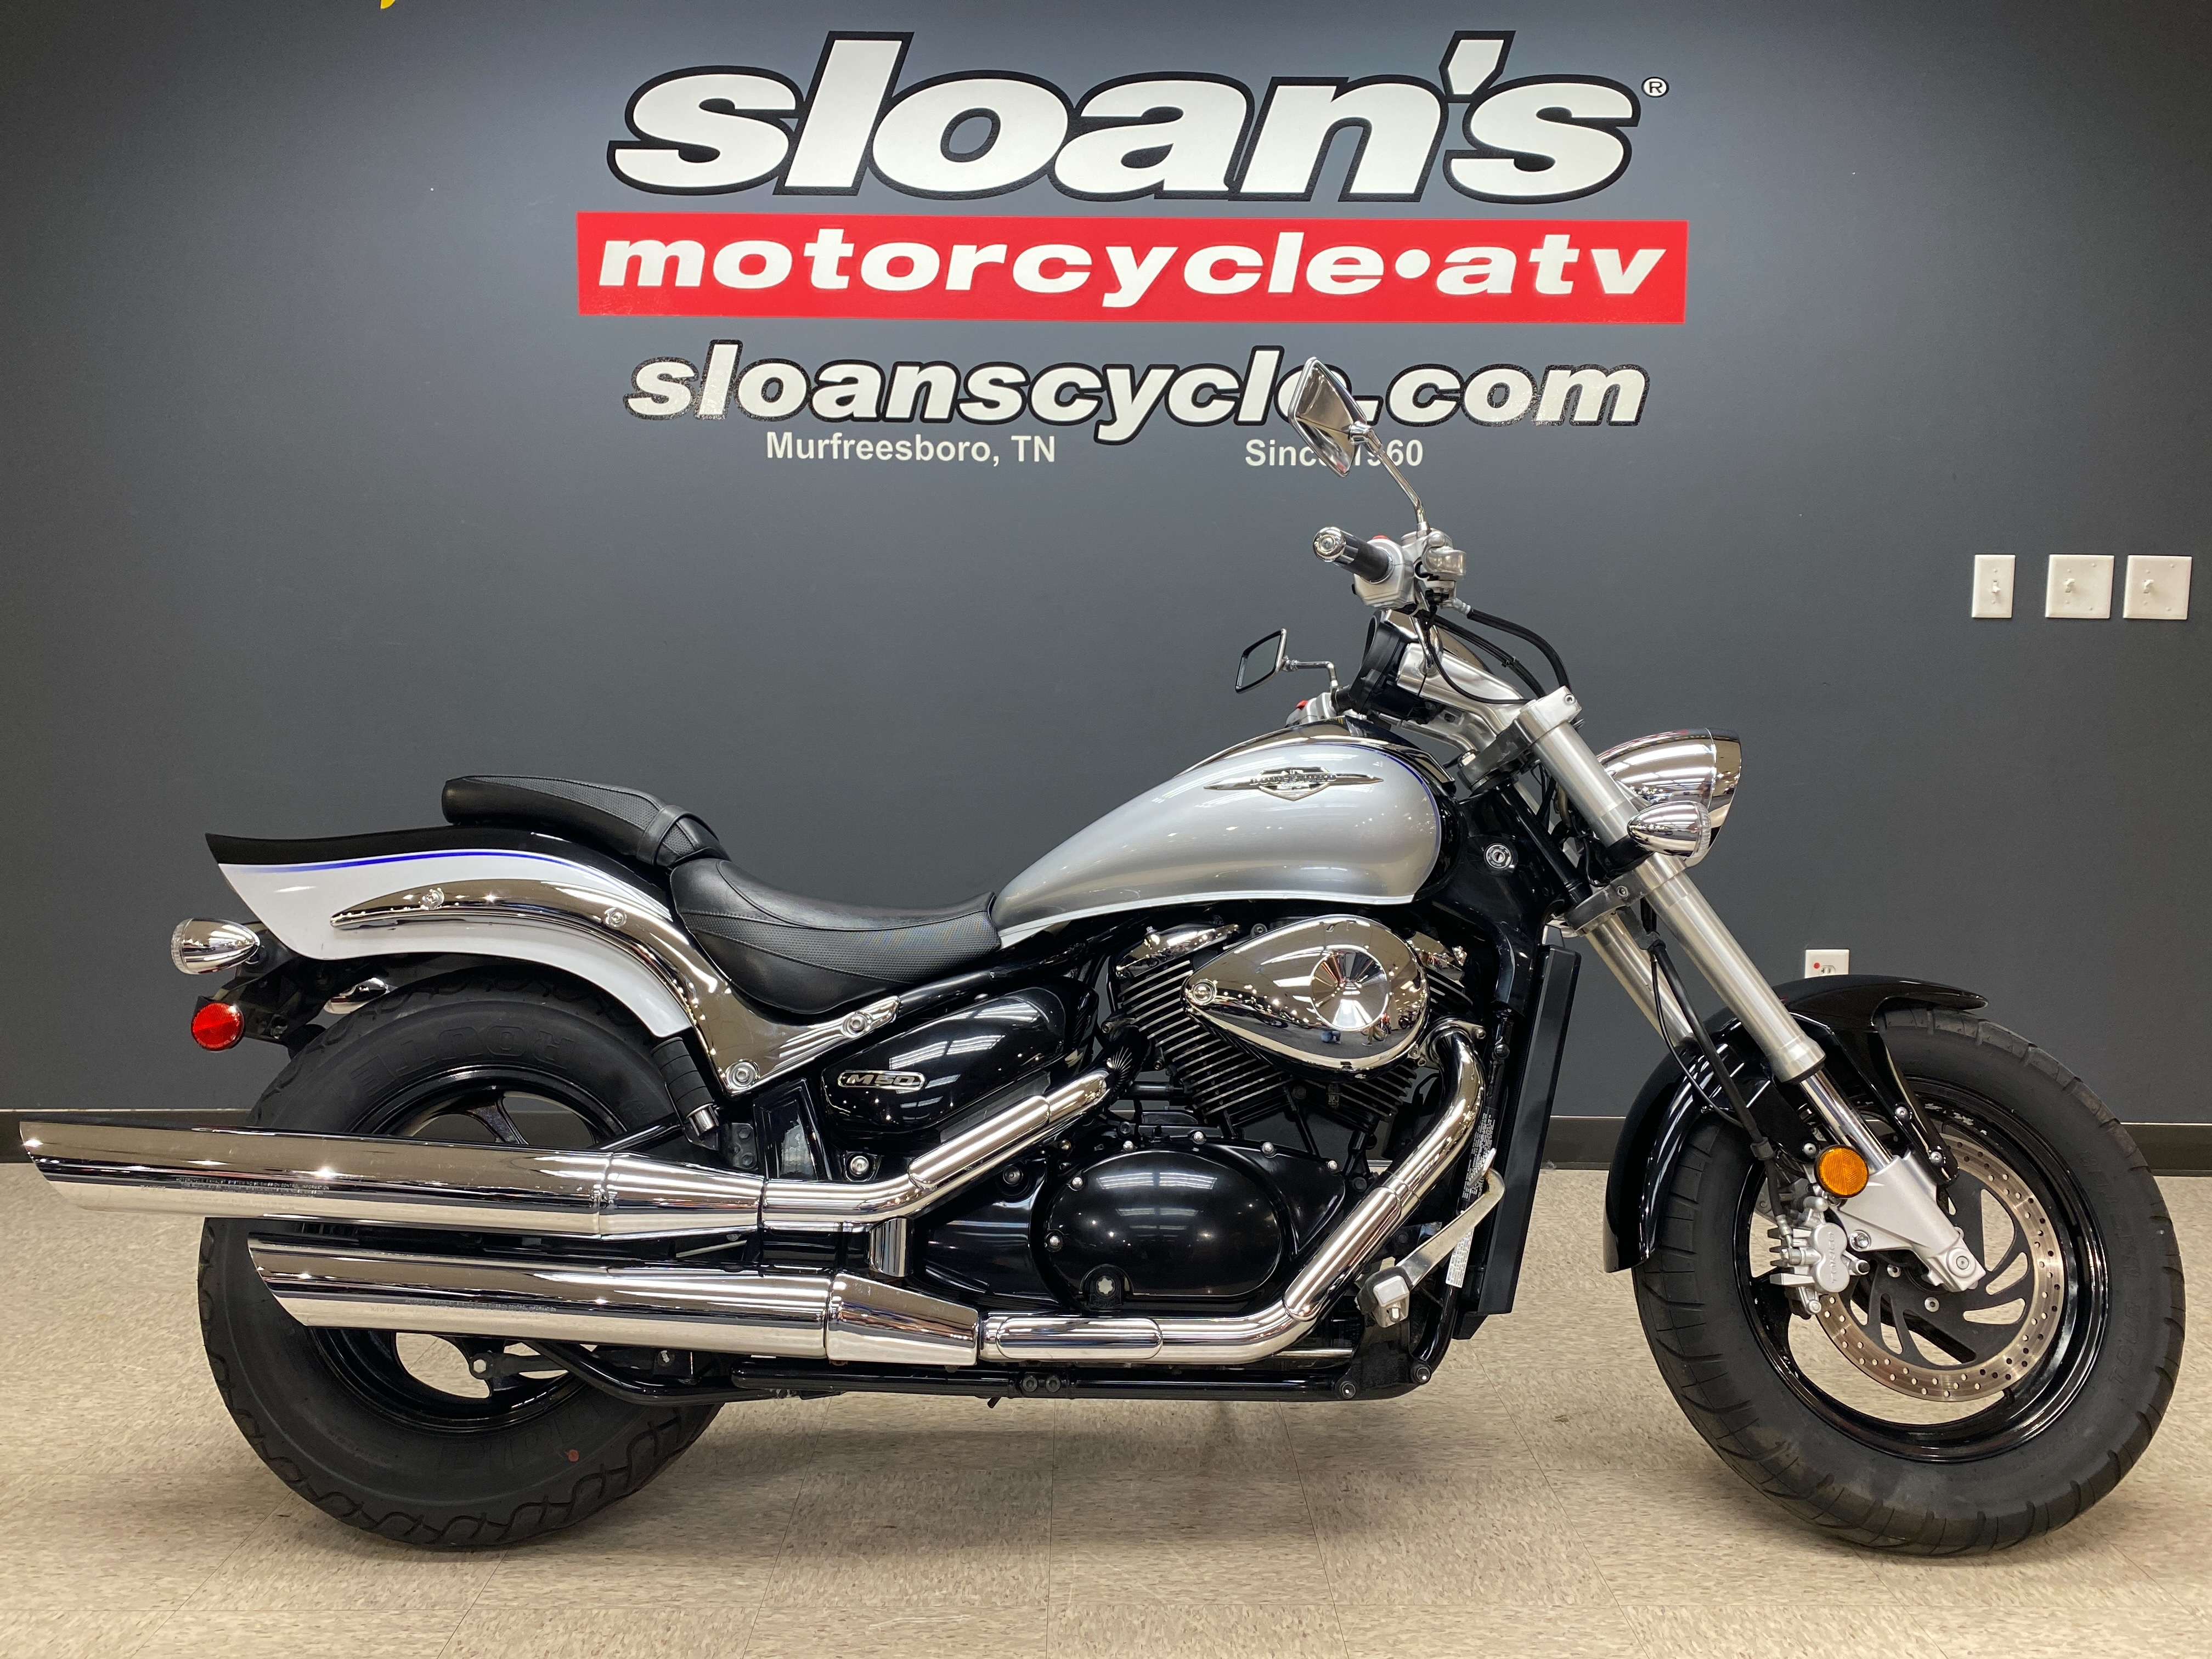 2008 Suzuki Boulevard M50 at Sloans Motorcycle ATV, Murfreesboro, TN, 37129